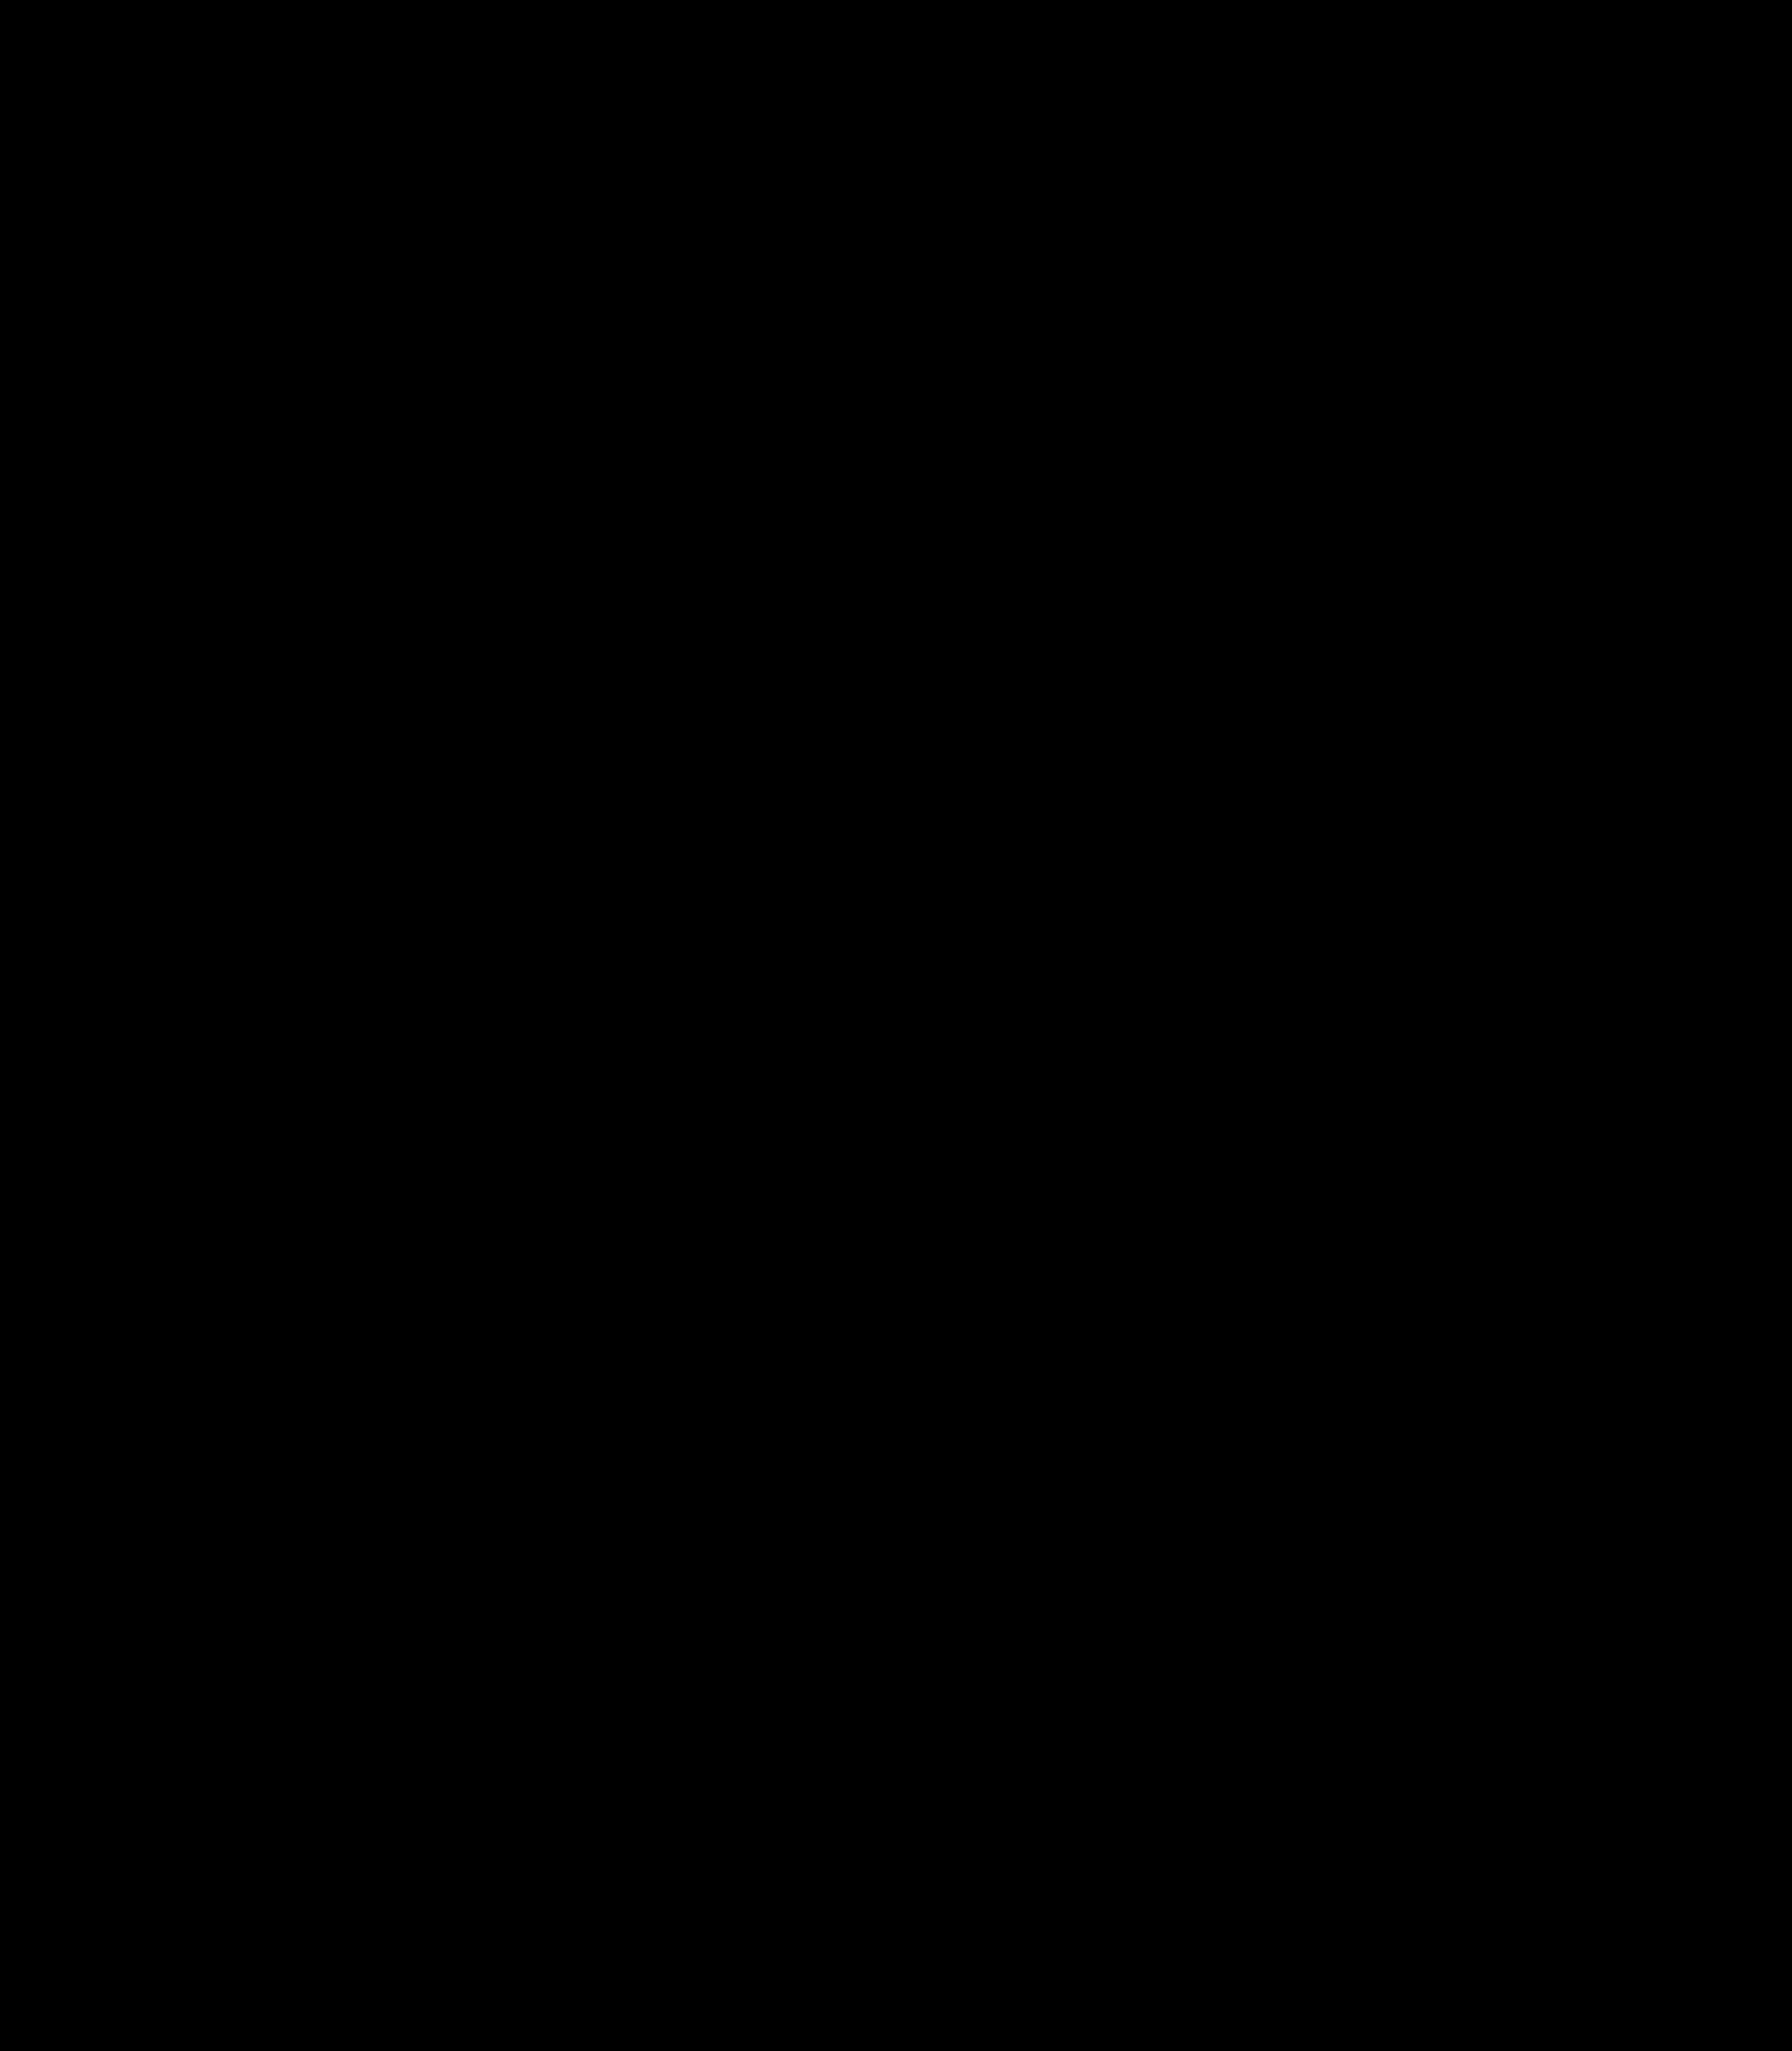 Alphabet Der Kurrentschrift Um 1865 Osterreich Kurrentschrift Alte Deutsche Schrift Alte Schrift